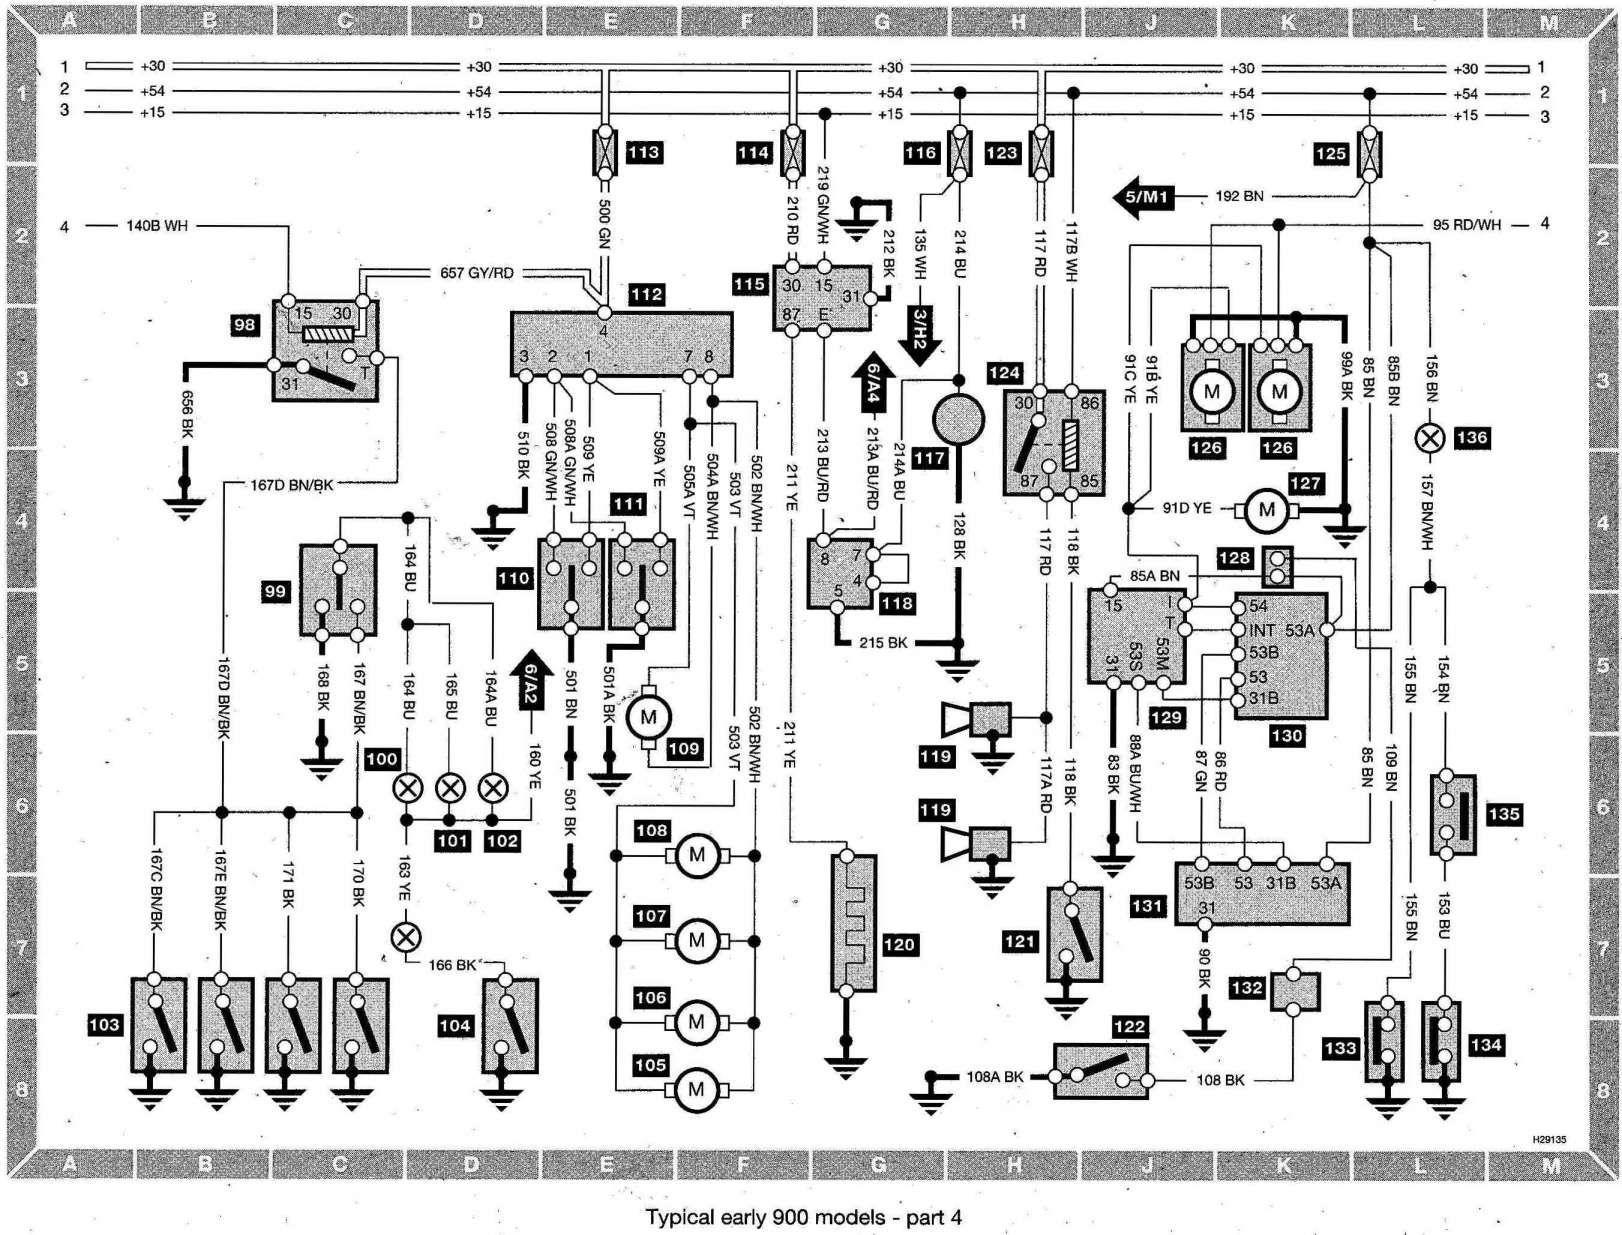 17 Saab 900 Engine Wiring Diagram Engine Diagram In 2020 Saab